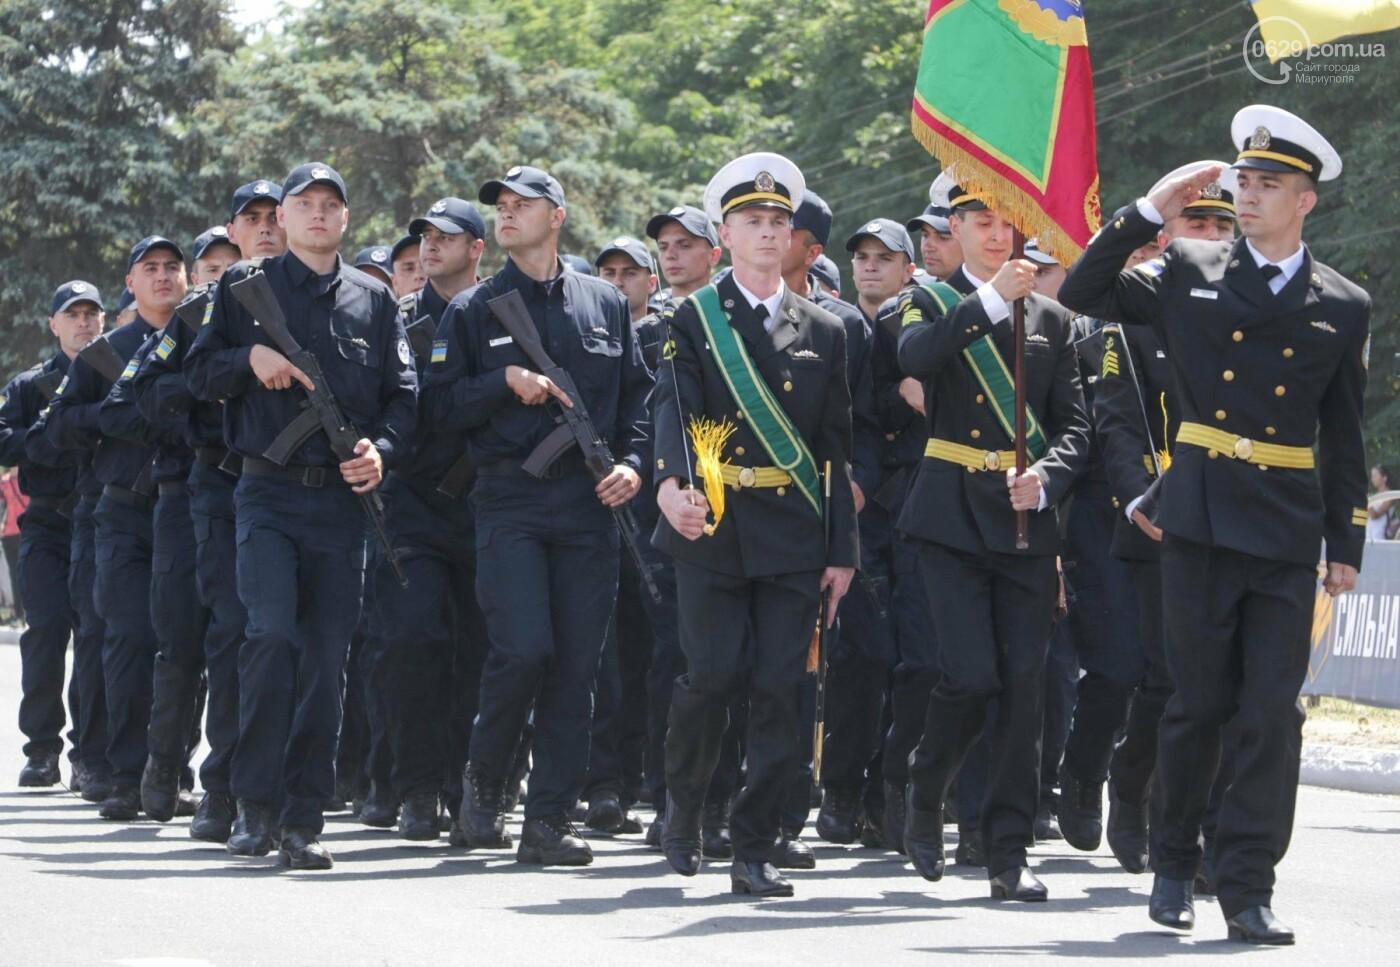 Как в Мариуполе отпраздновали четвертую годовщину освобождения в 30-ти фотографиях, - ФОТОРЕПОРТАЖ, фото-8